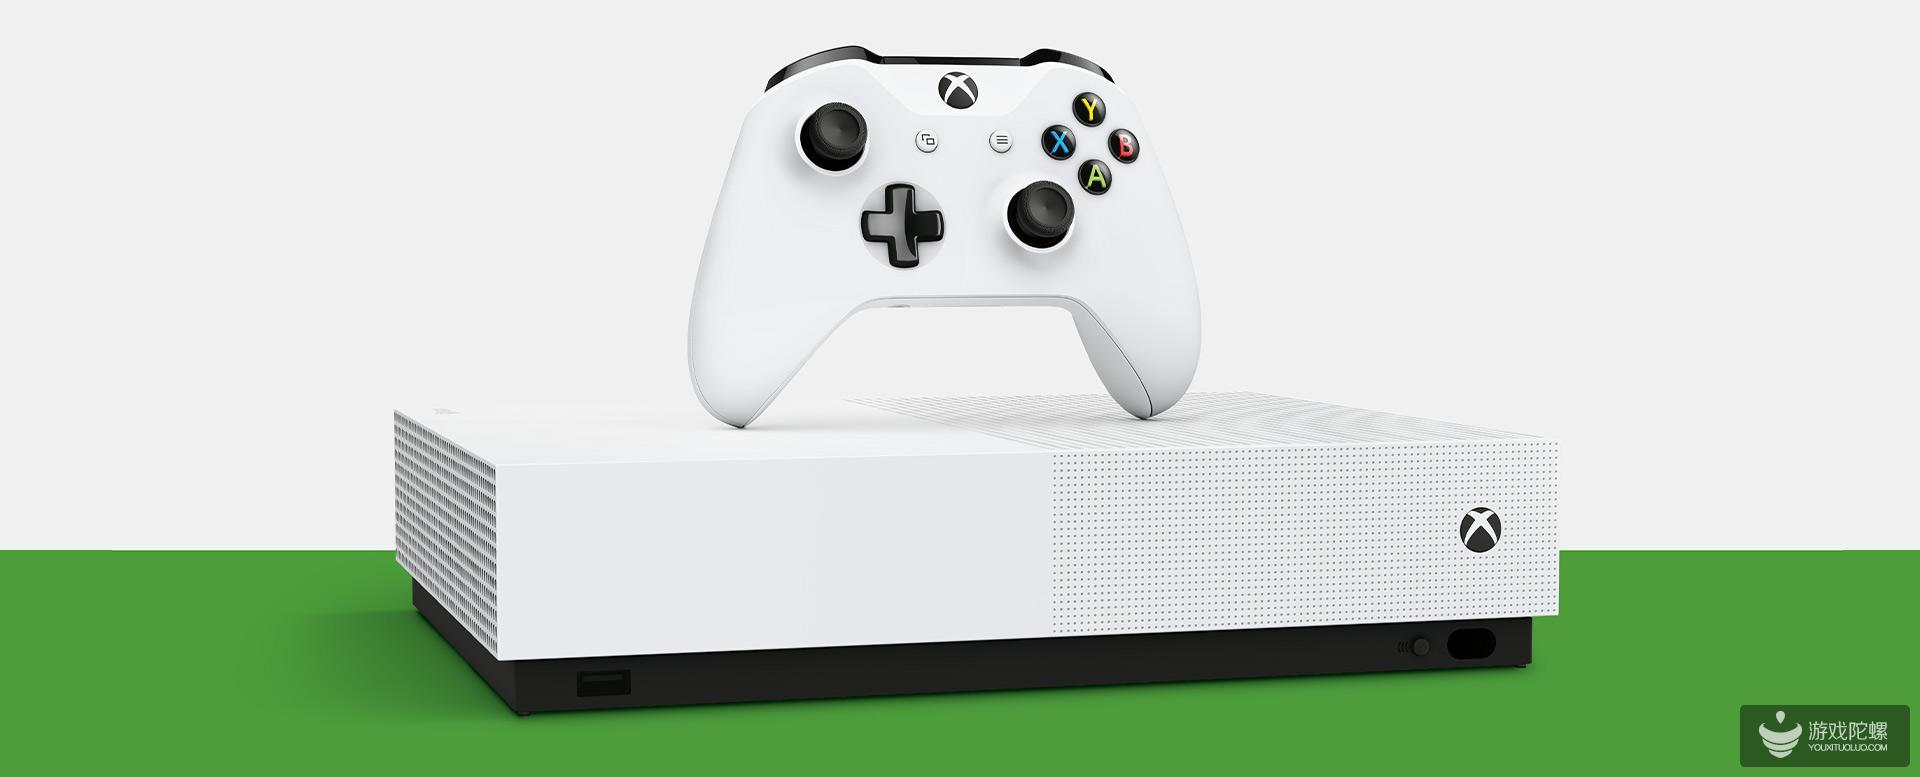 Xbox游戏订阅服务稳步上升 主机销量却下滑33%